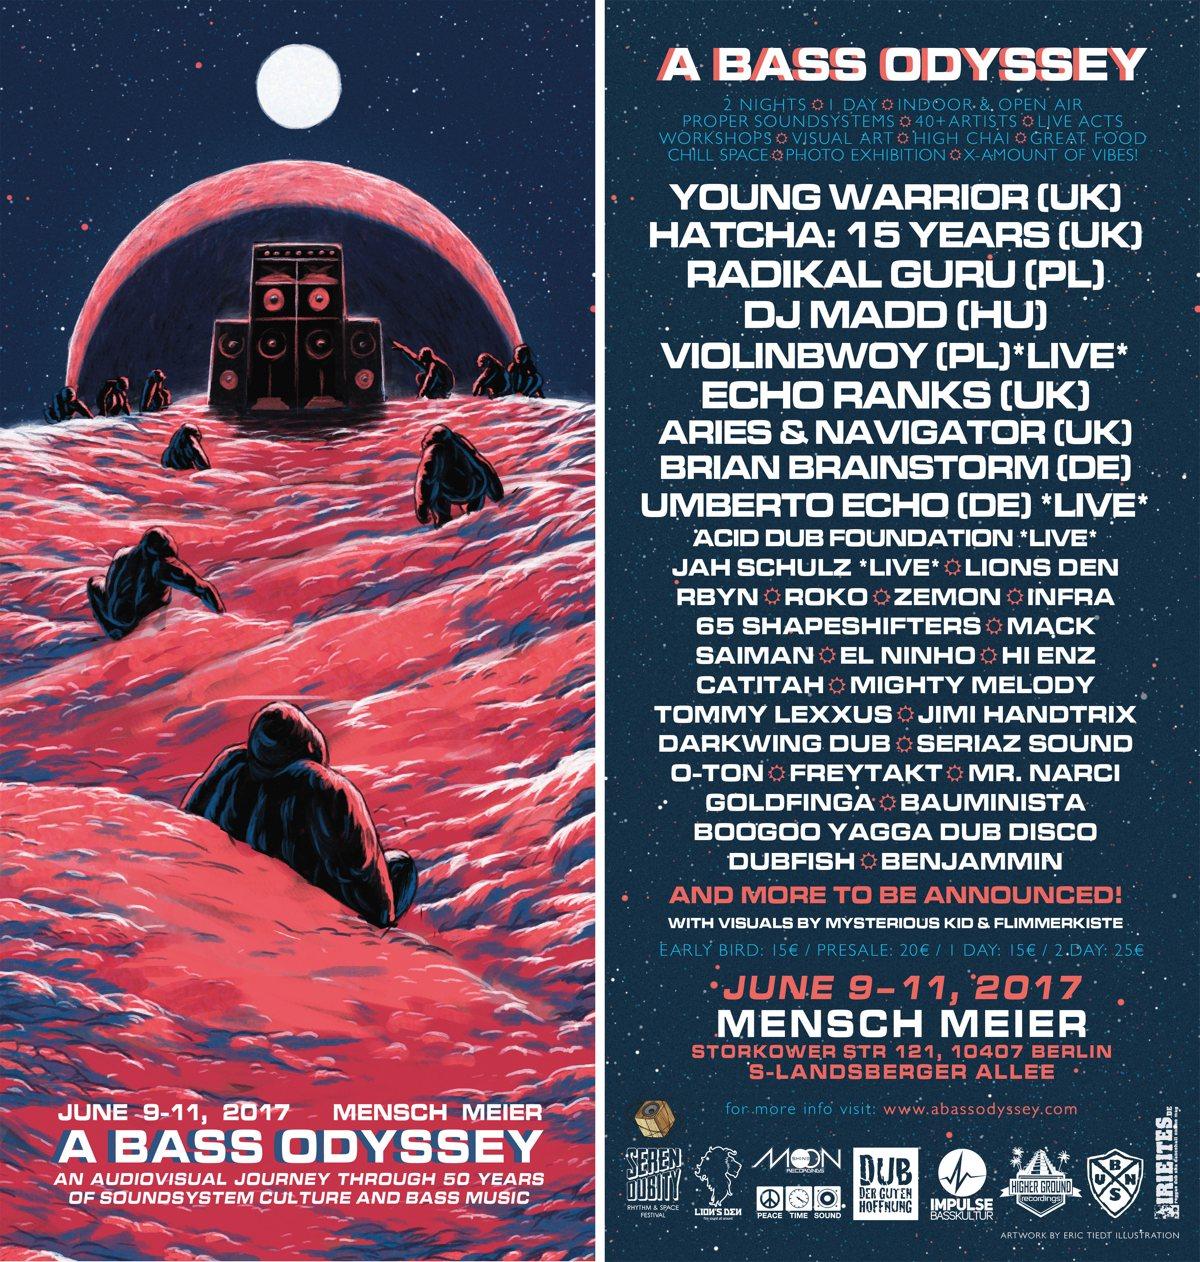 A Bass Odyssey Festival in Berlin